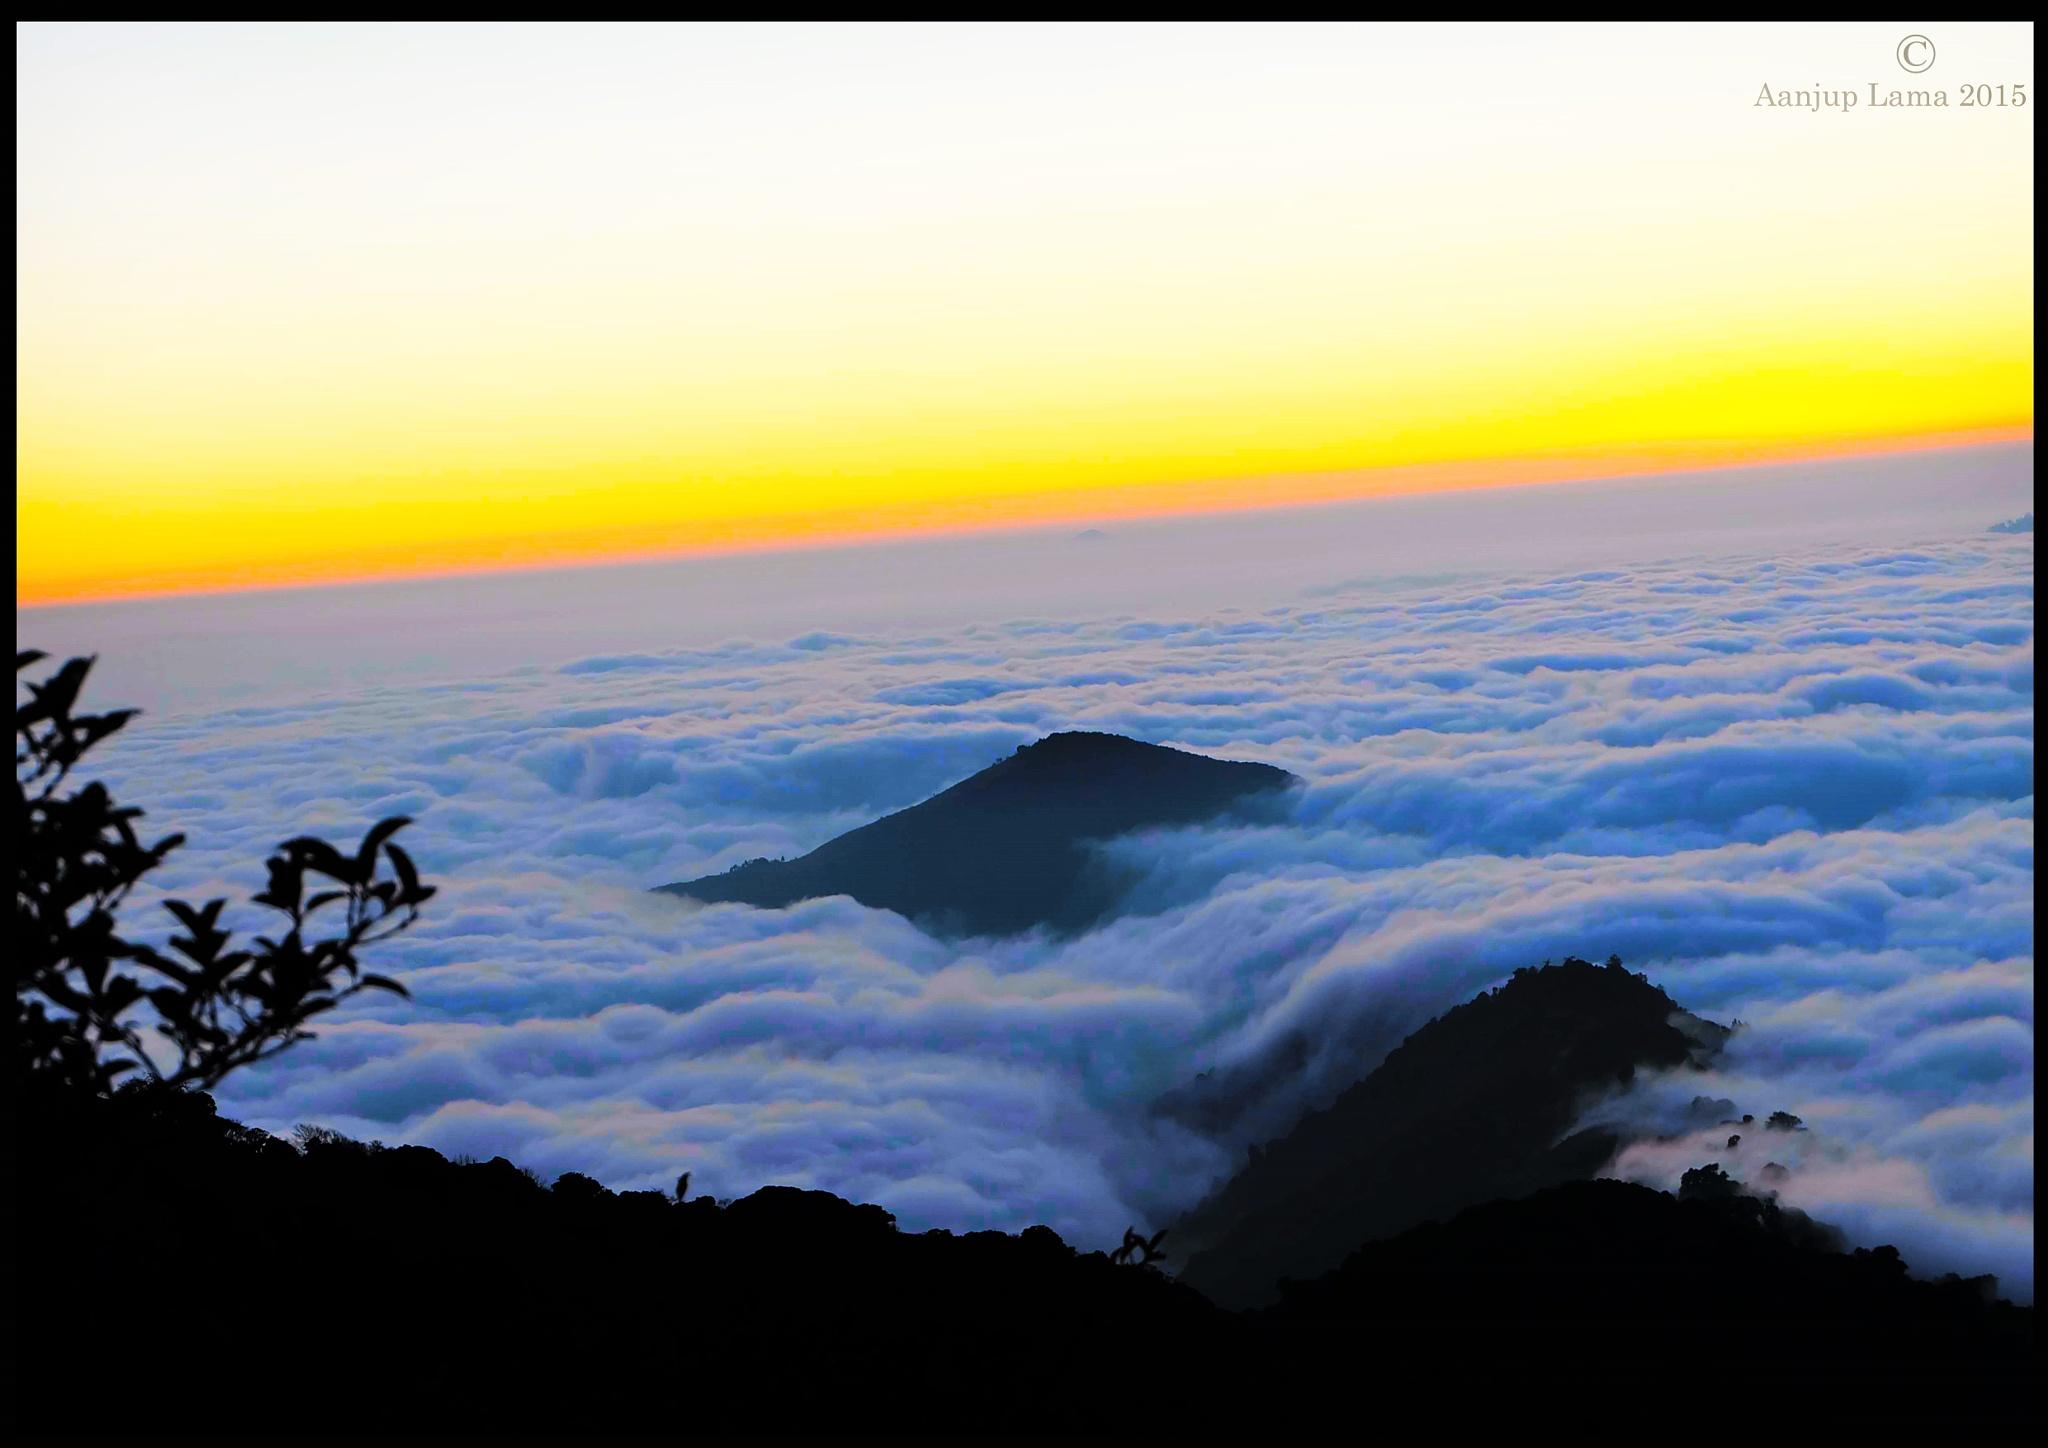 Ocean of cloud by Aanjup